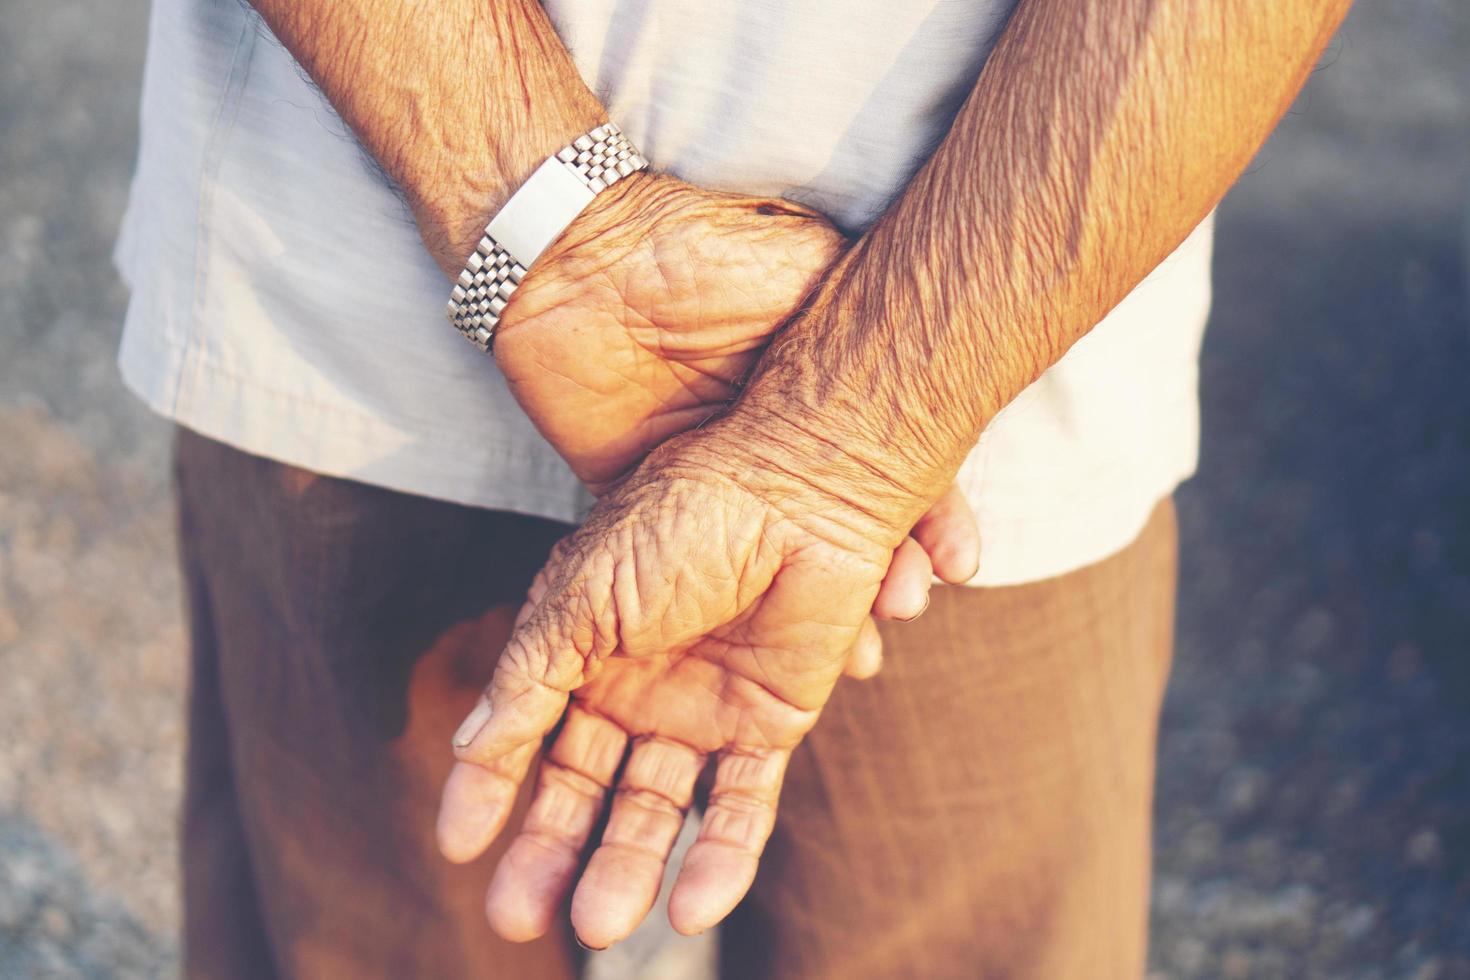 les mains derrière le dos de l'homme photo